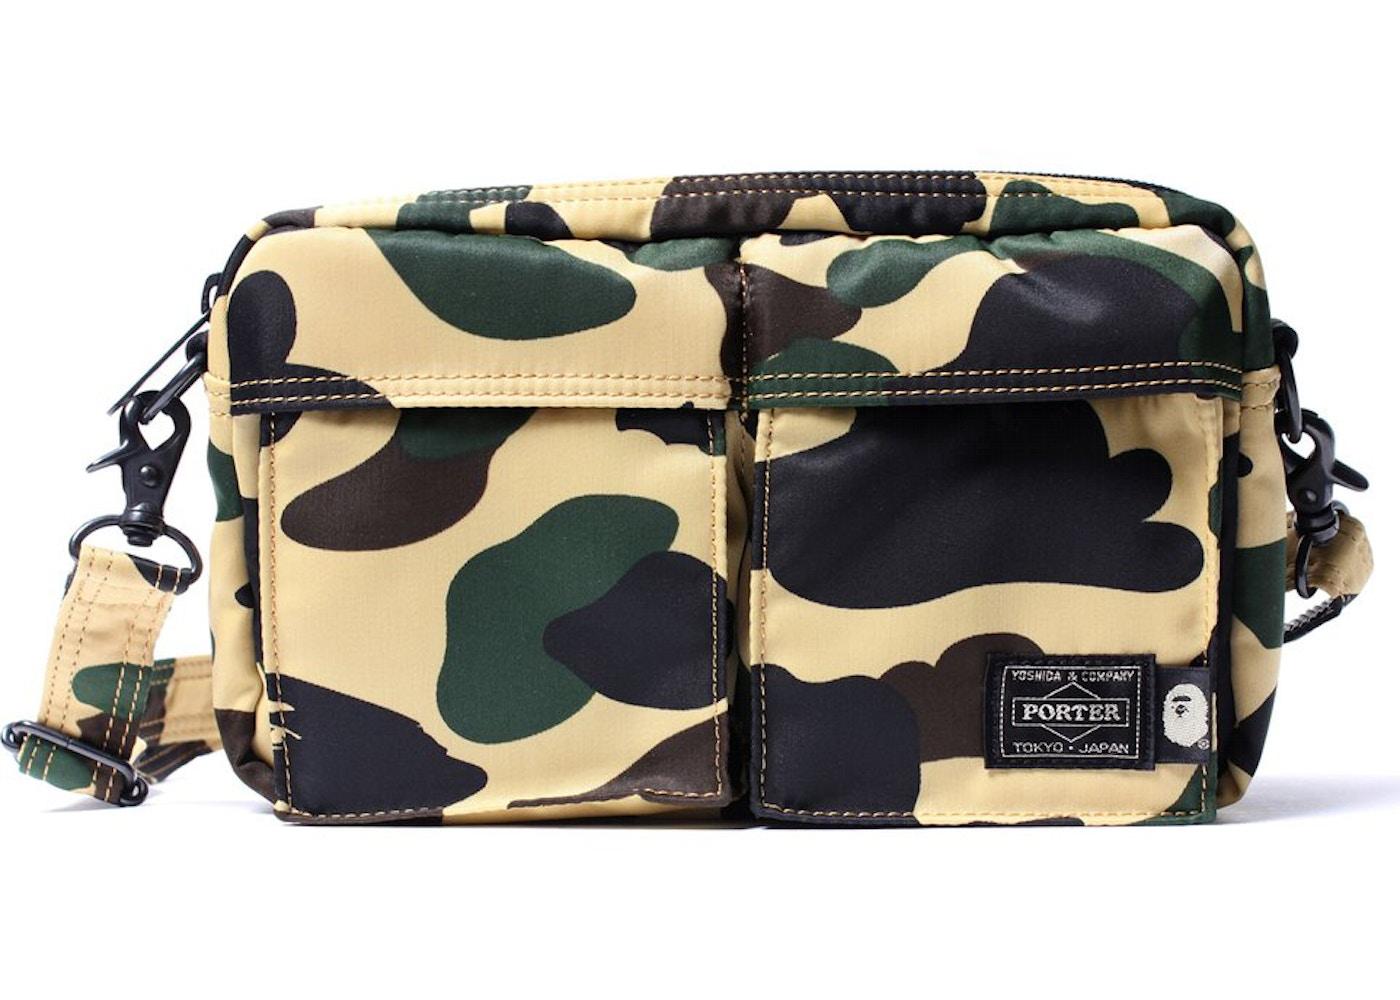 d7d0dcfc Streetwear - Bape Bags - New Lowest Asks